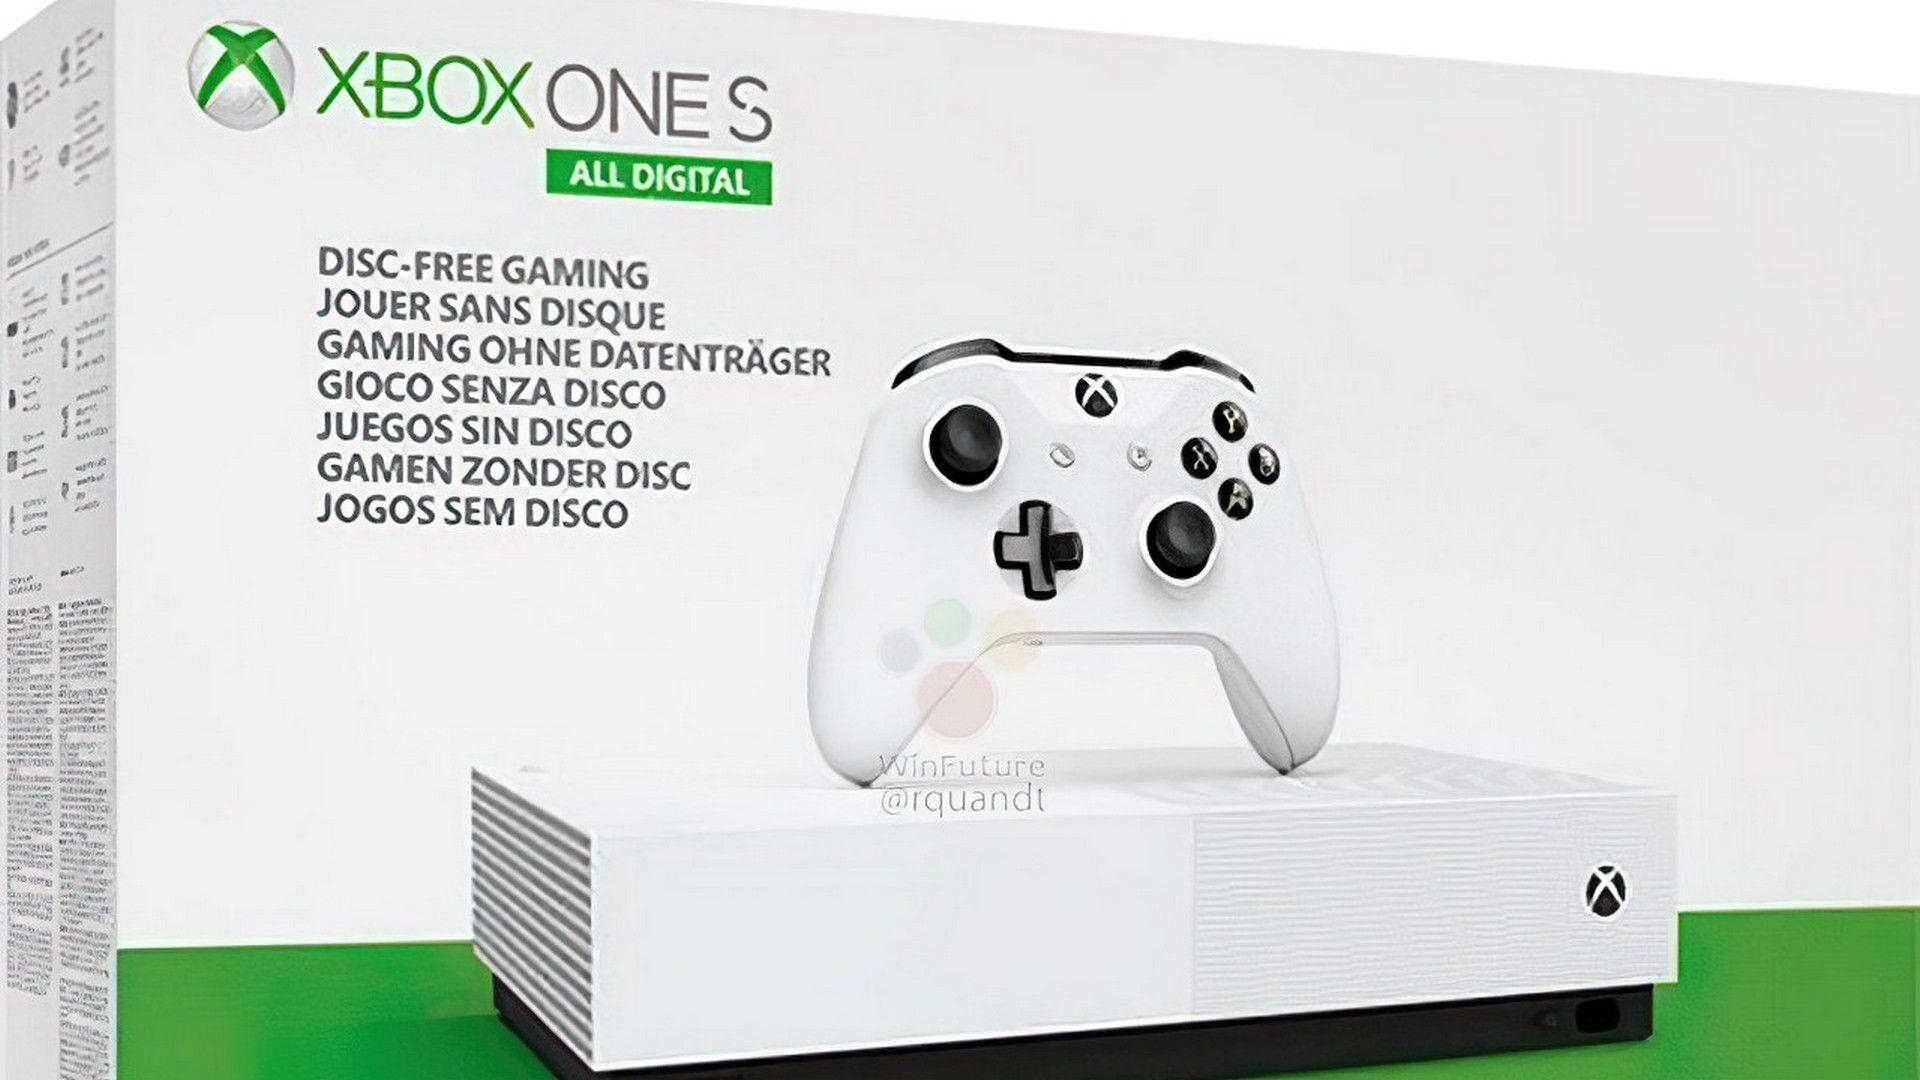 Xbox One S Édition entièrement numérique